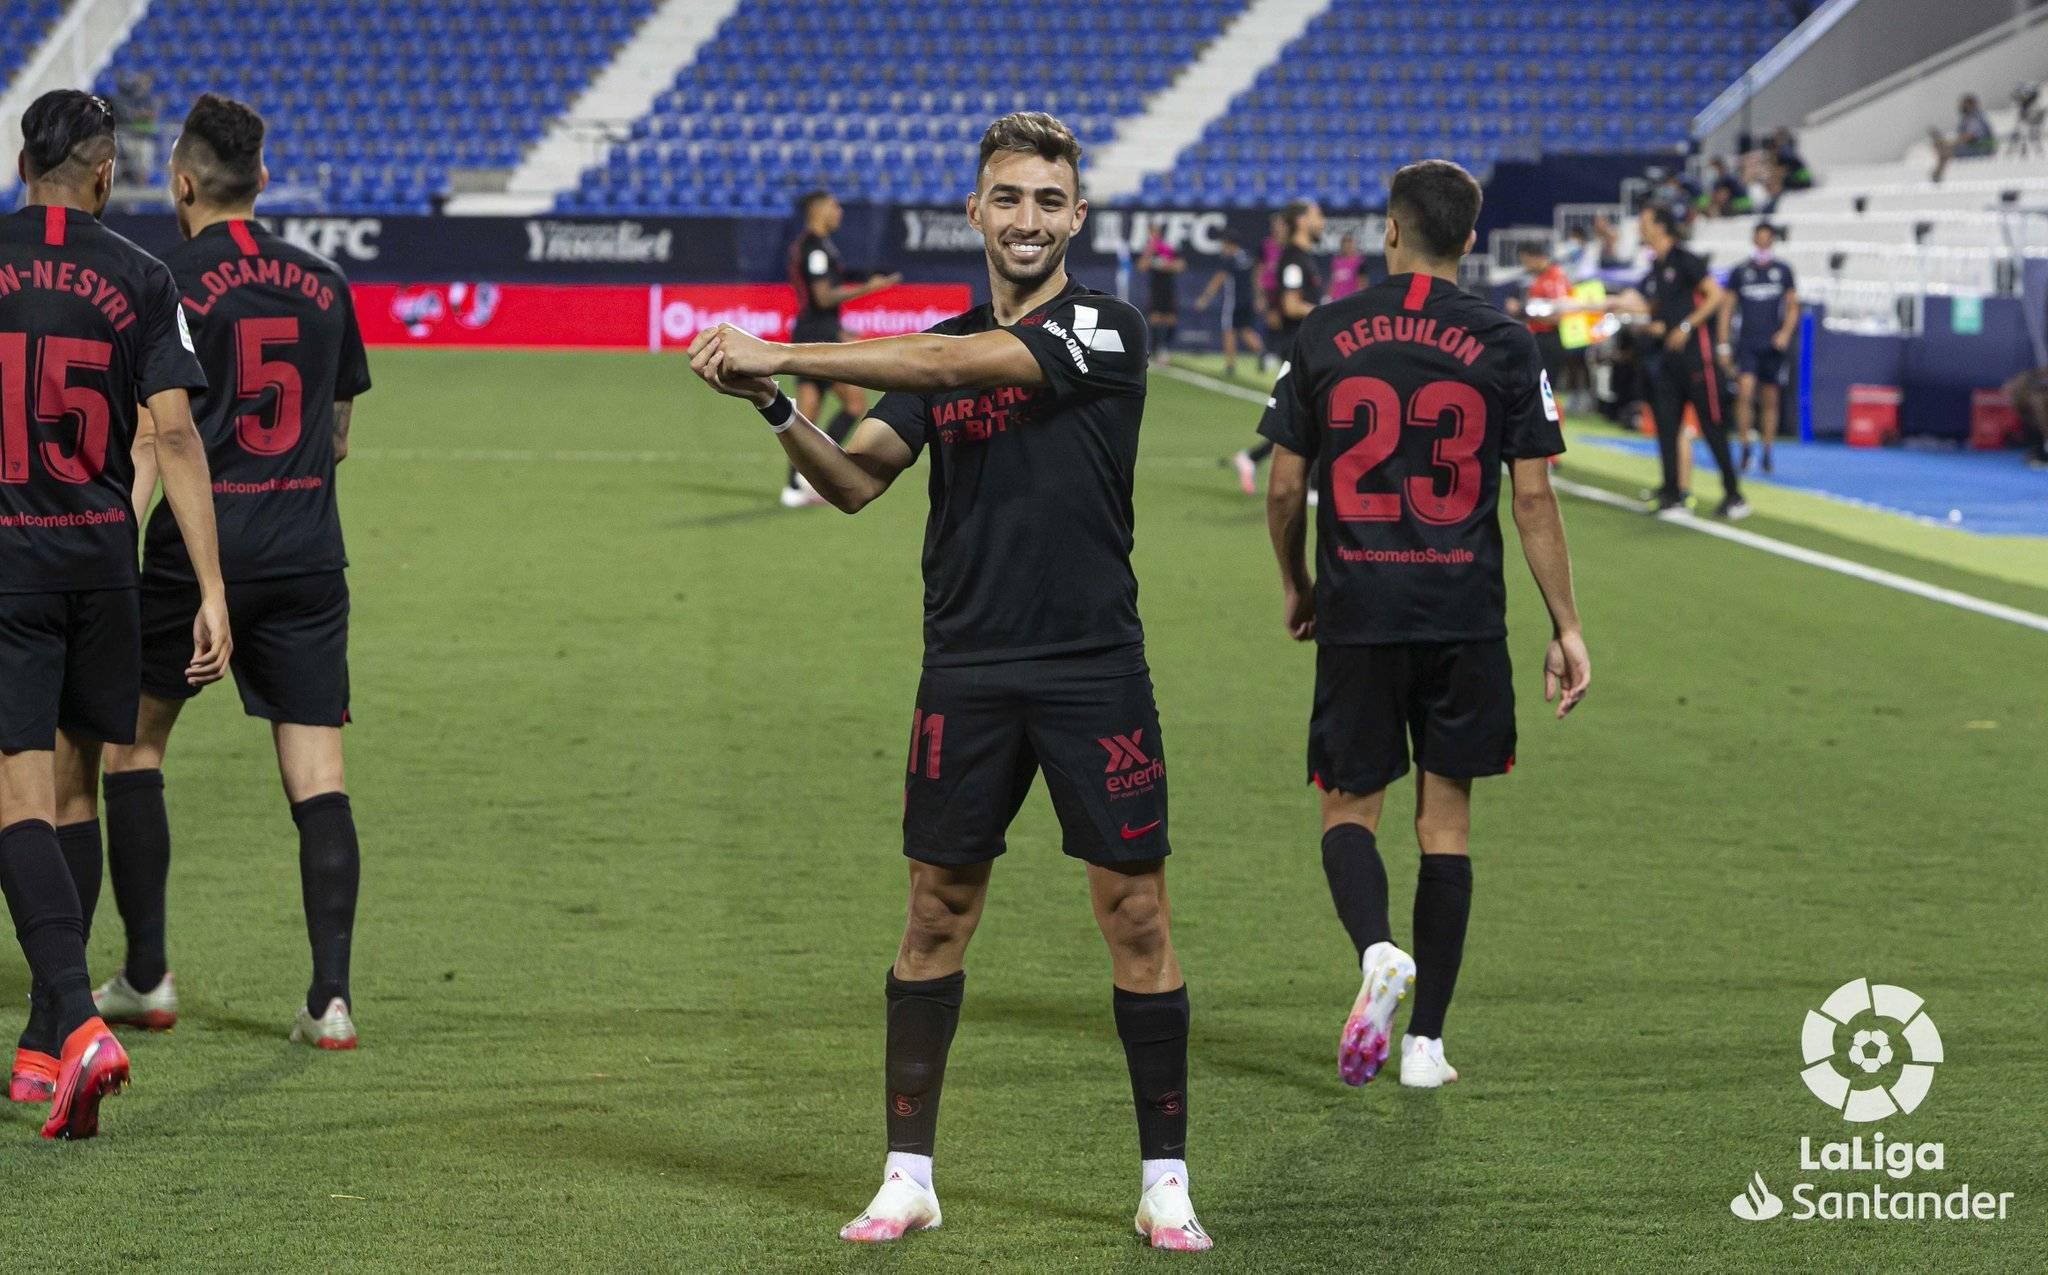 西甲第33轮塞维利亚客场3:0莱加内斯,奥利弗托雷斯攻入两球